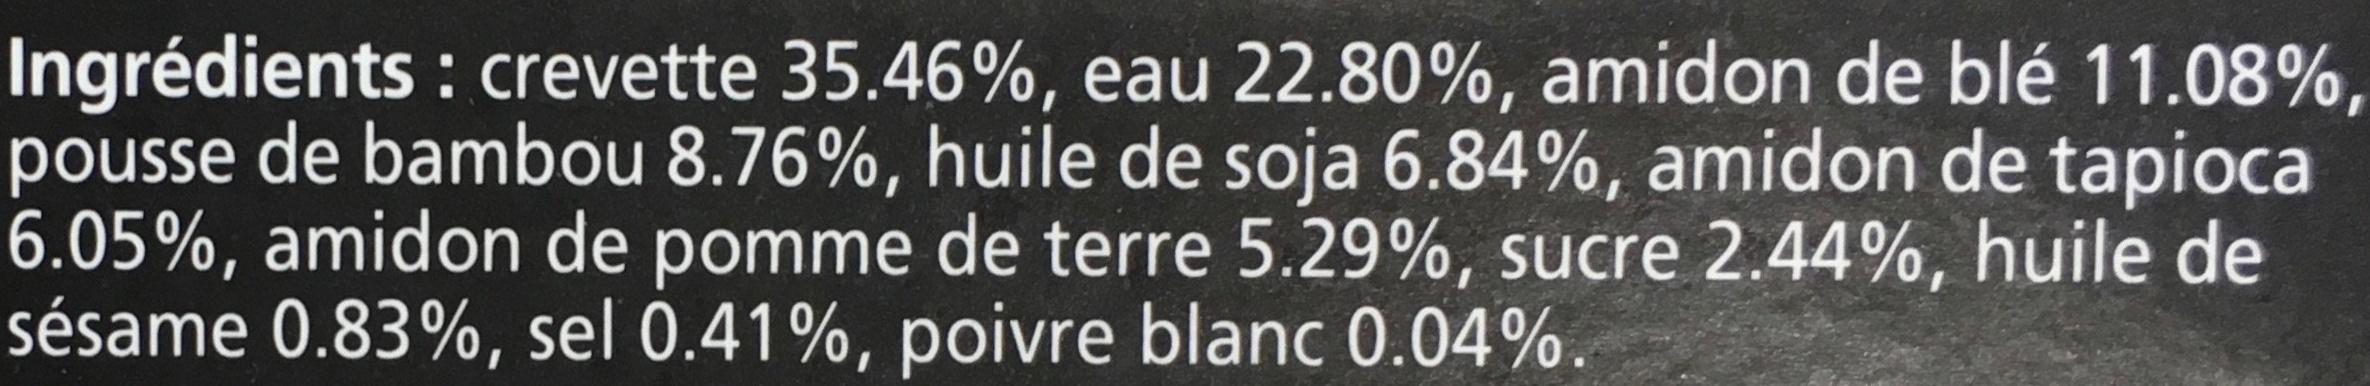 Ravioli à la crevette saveur d'Asie - Ingredients - fr